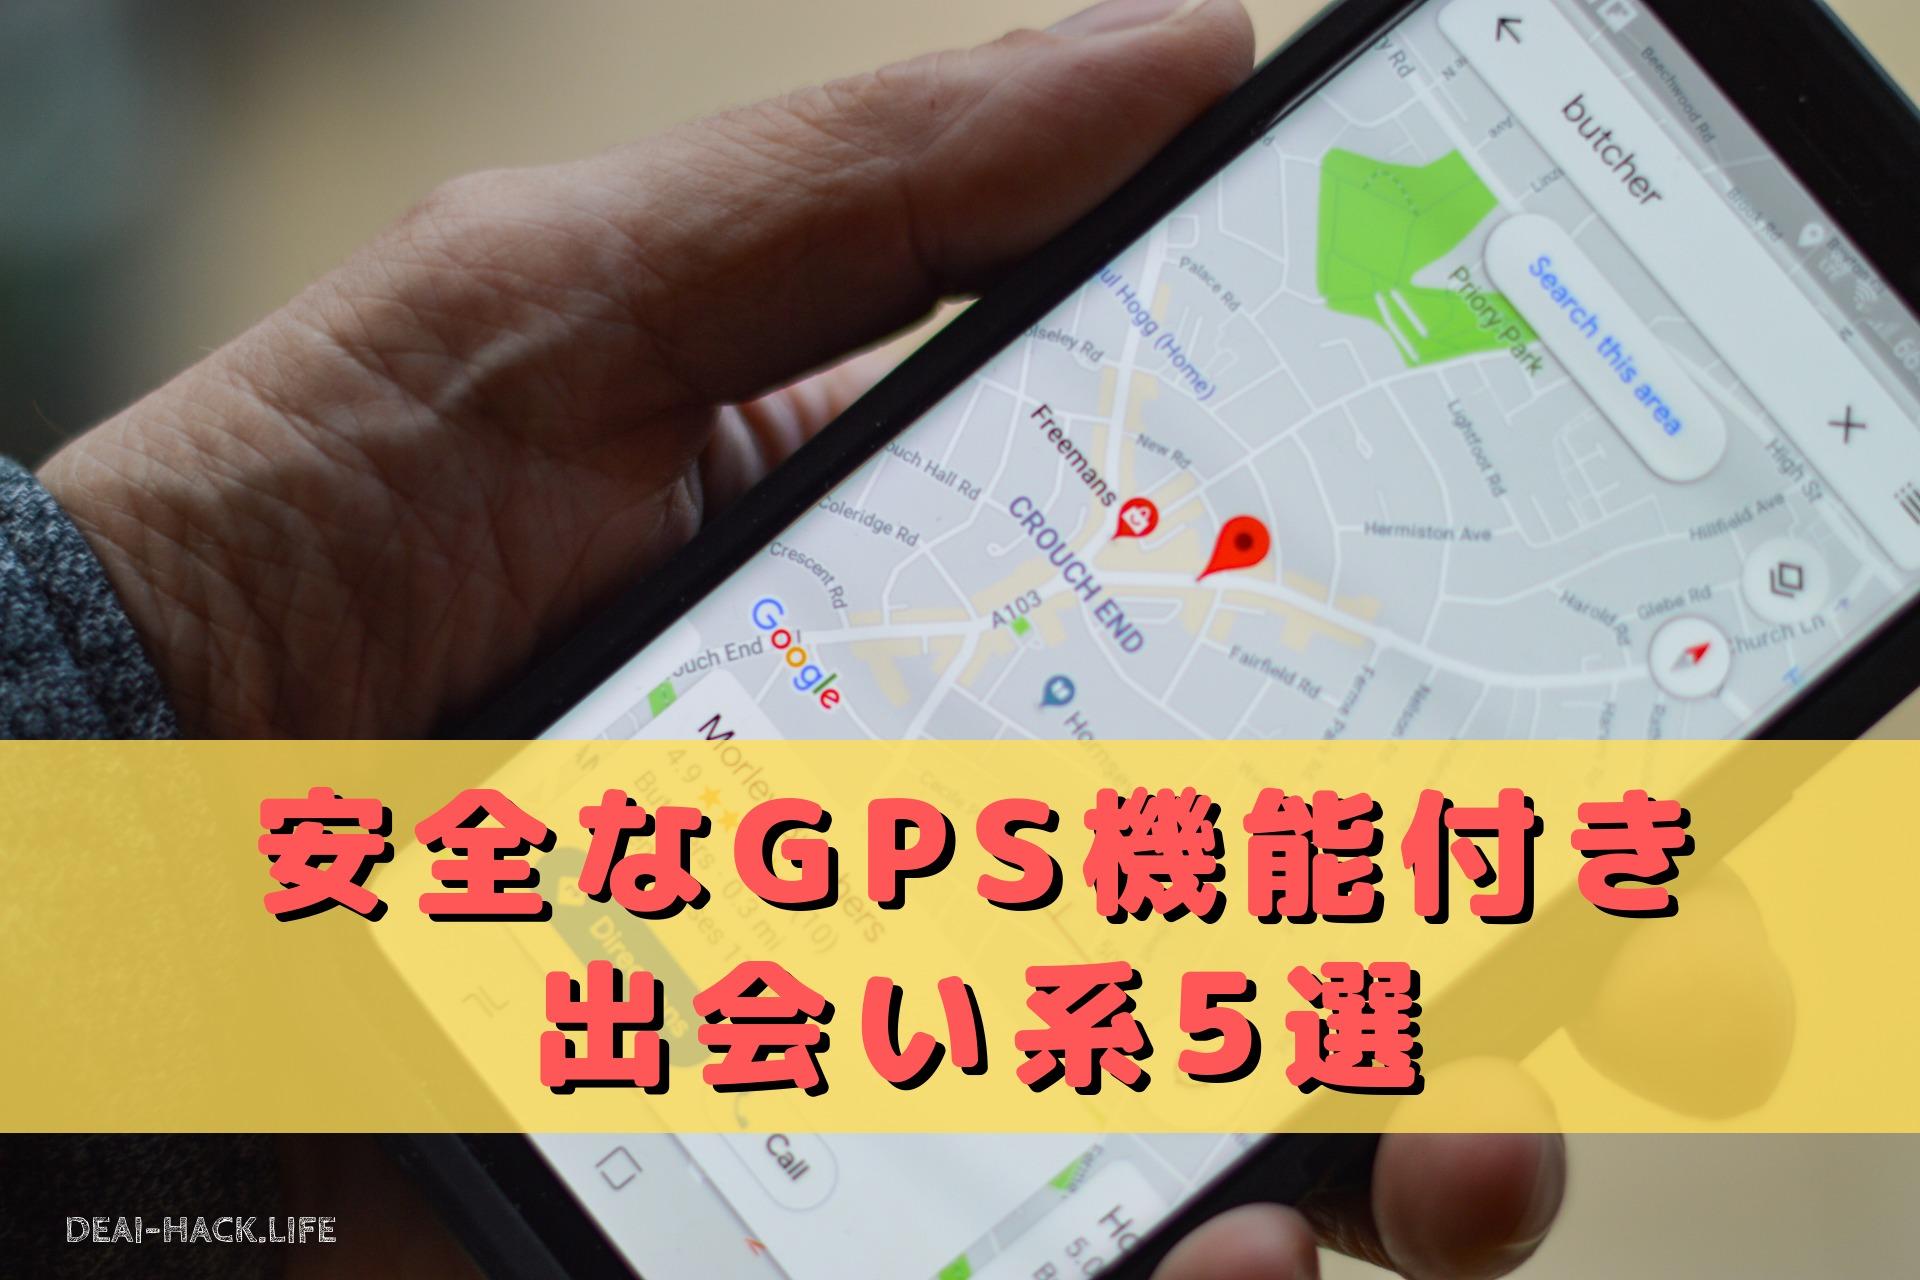 GPSを使って出会いを増やそう!GPS機能付きのおすすめ出会い系5選!